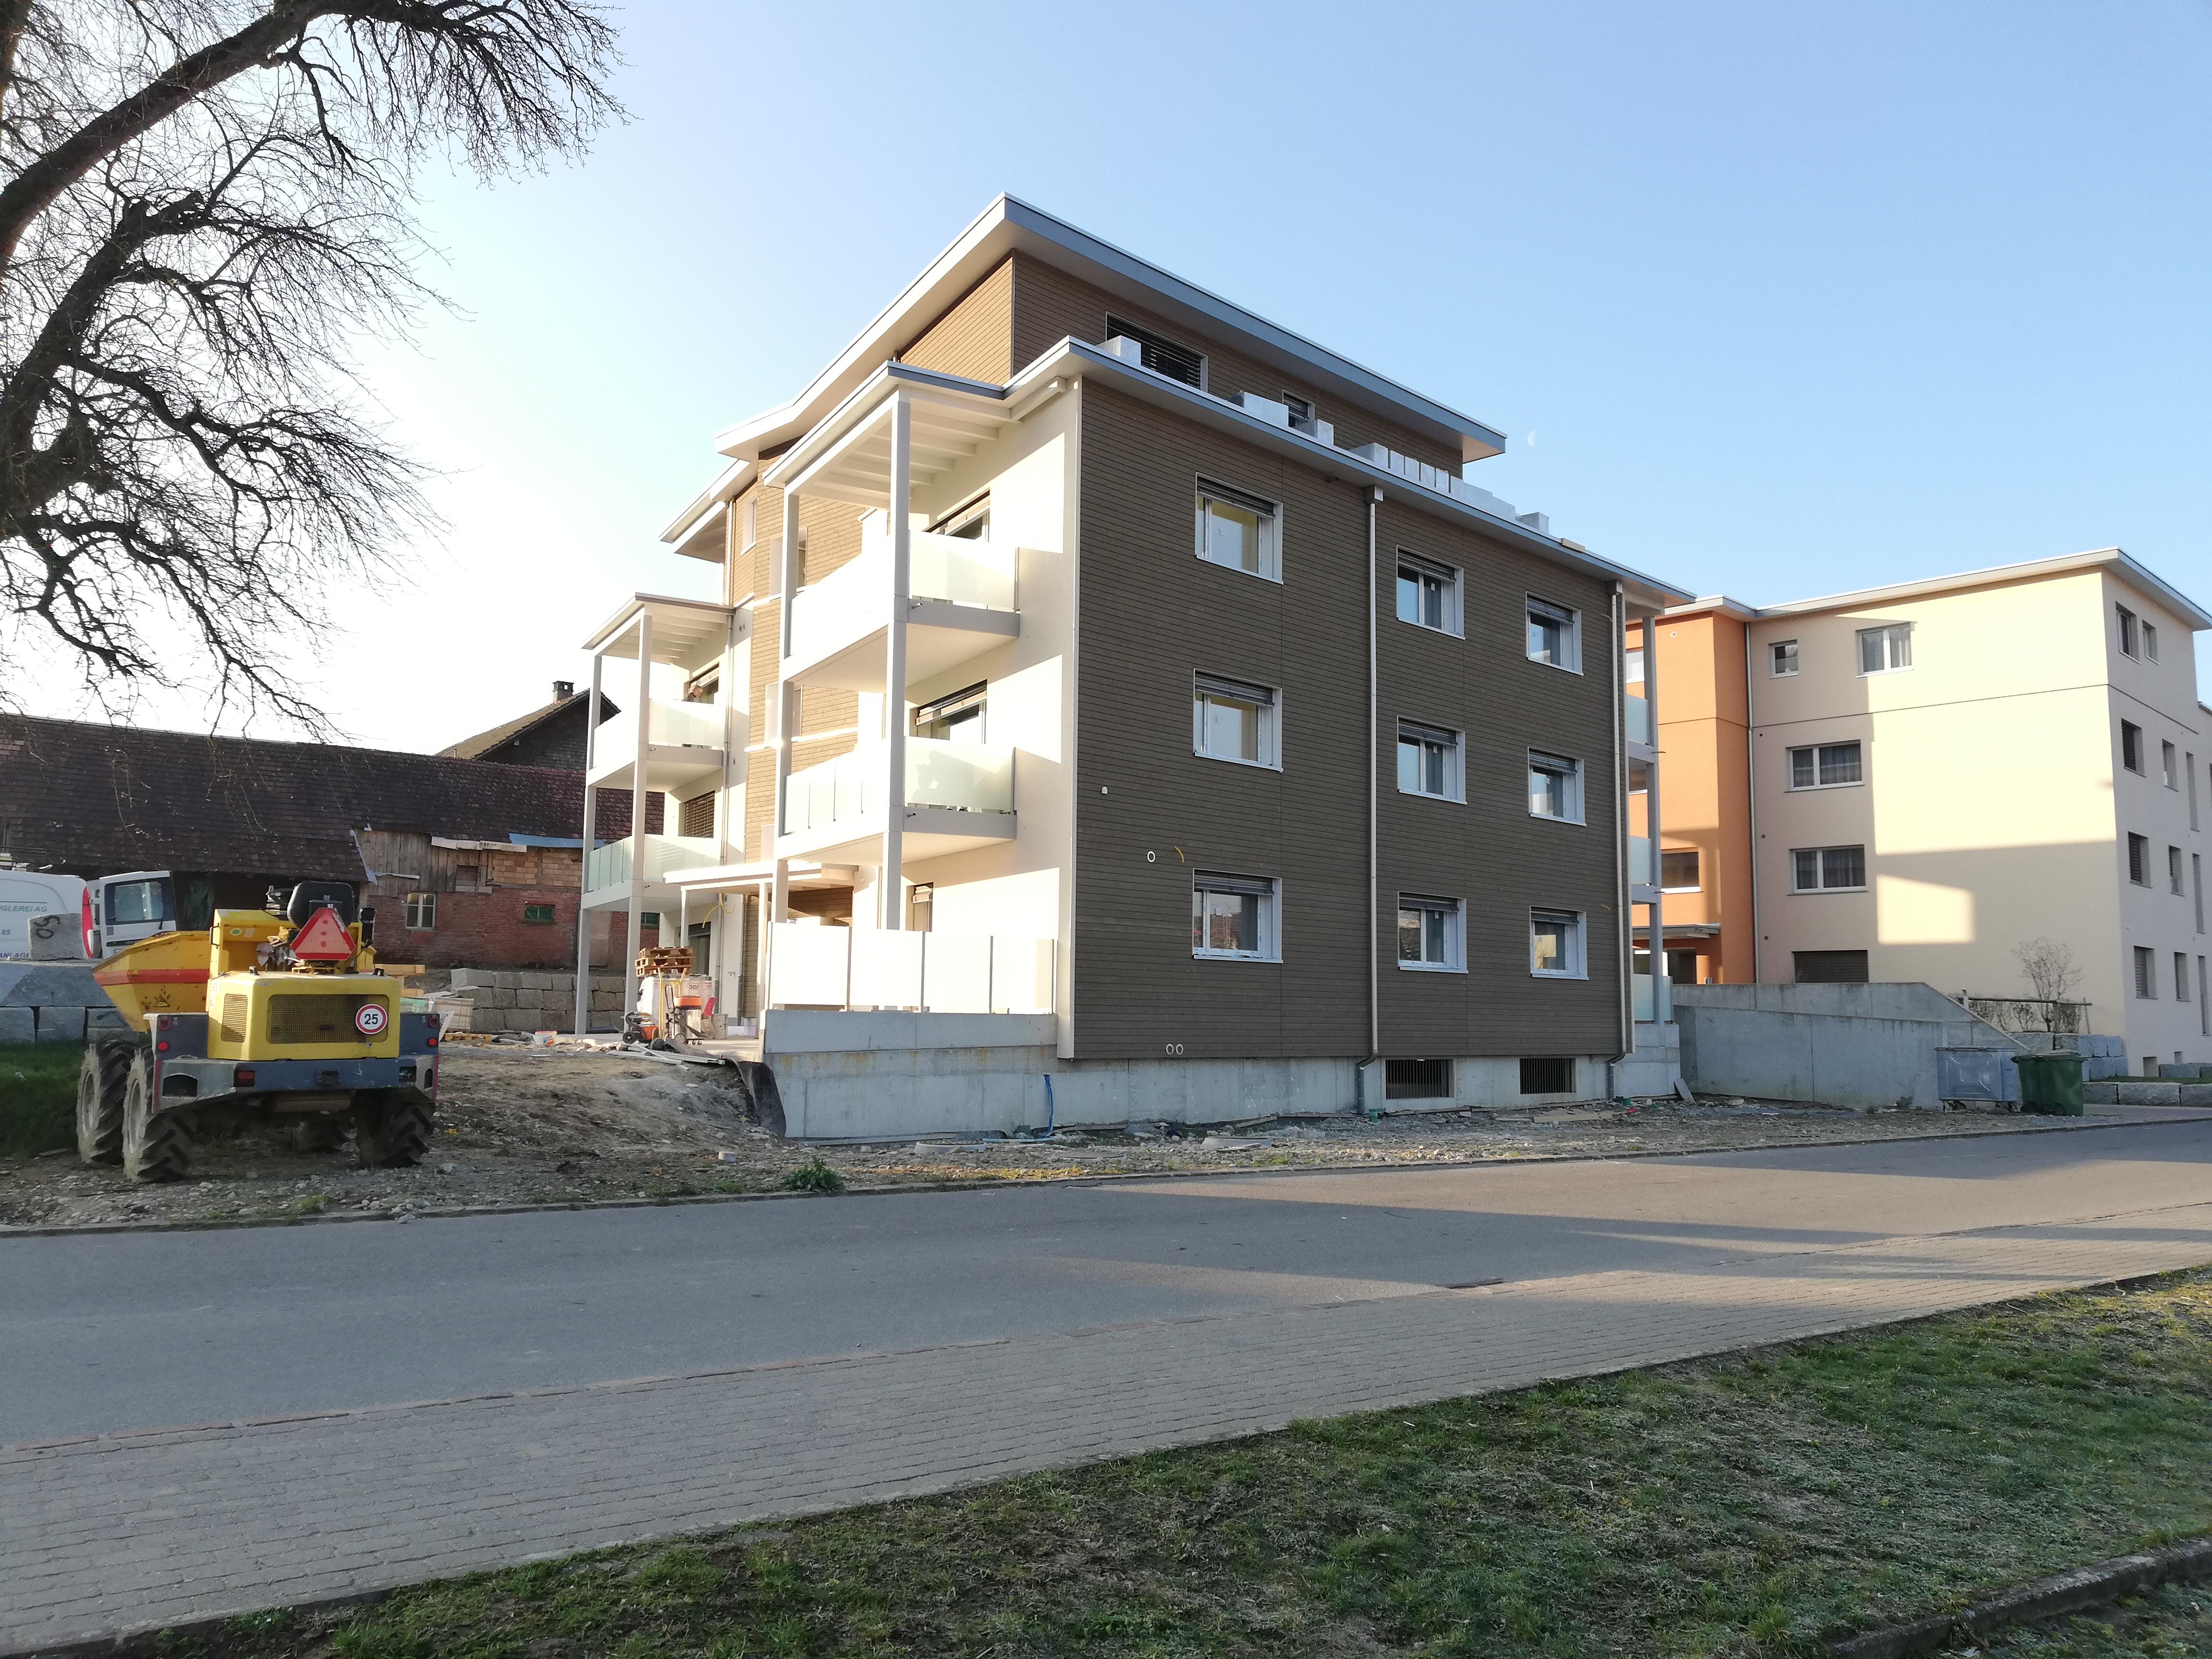 Neubau Gästehaus Dagmersellen